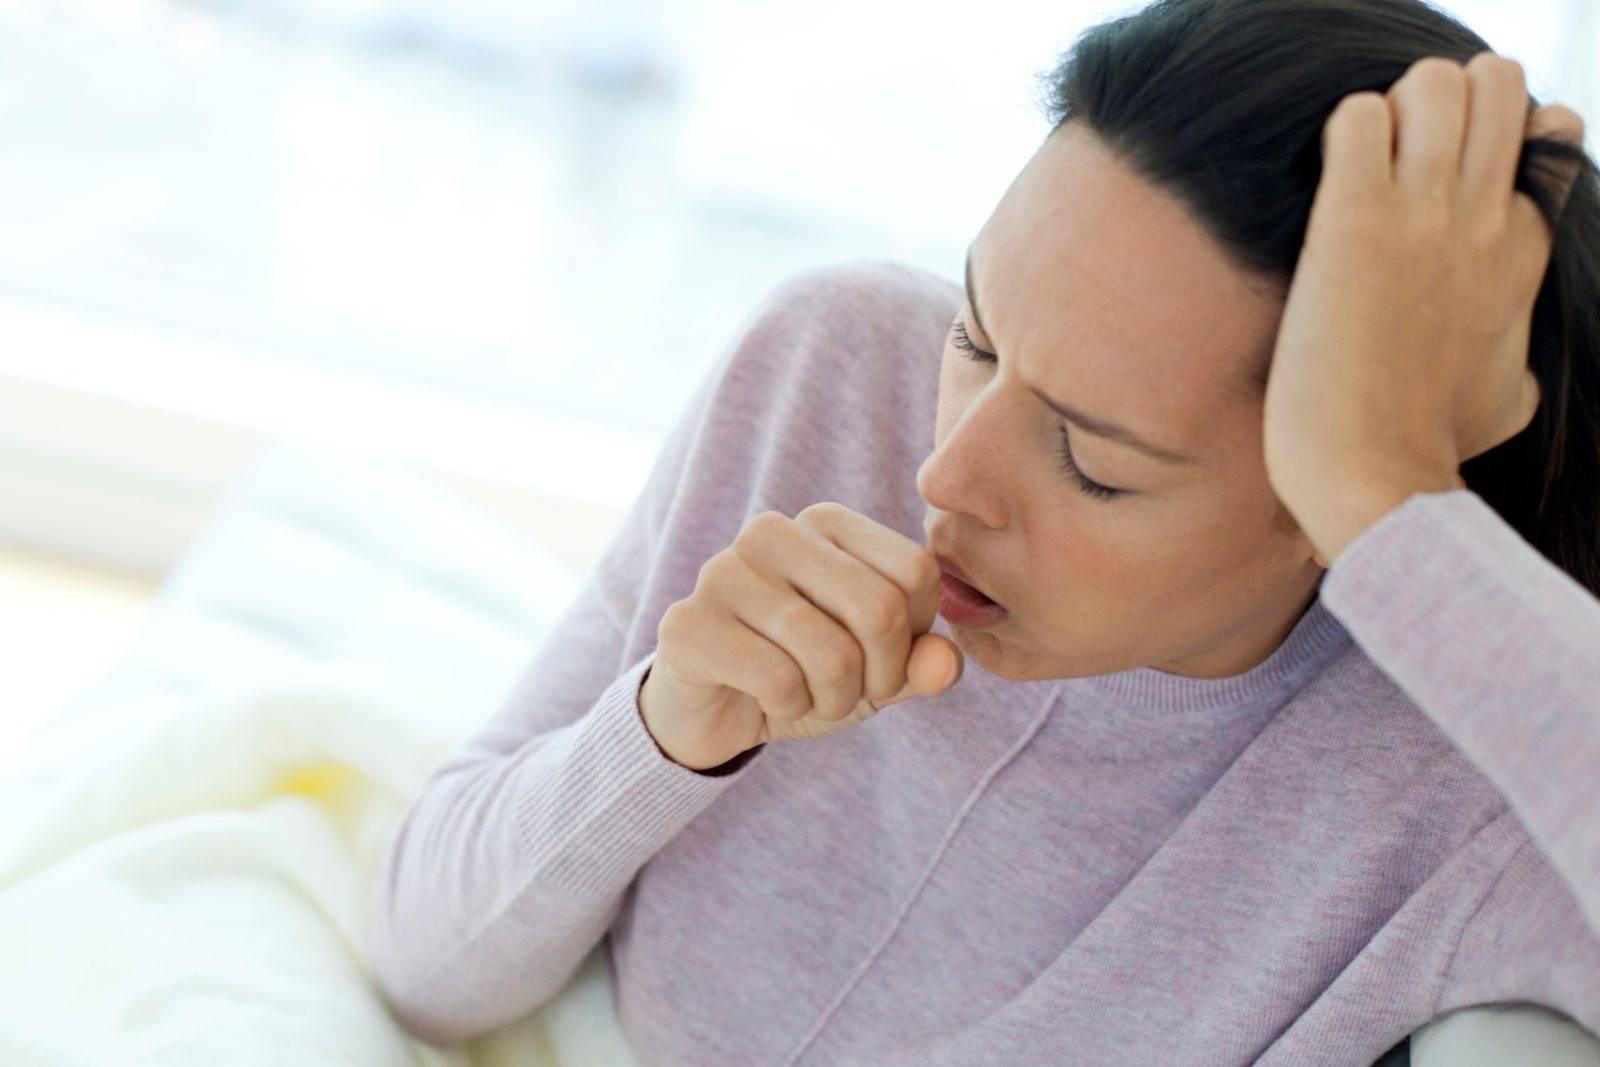 Сильный ночной кашель у ребенка без температуры как лечить снять приступ